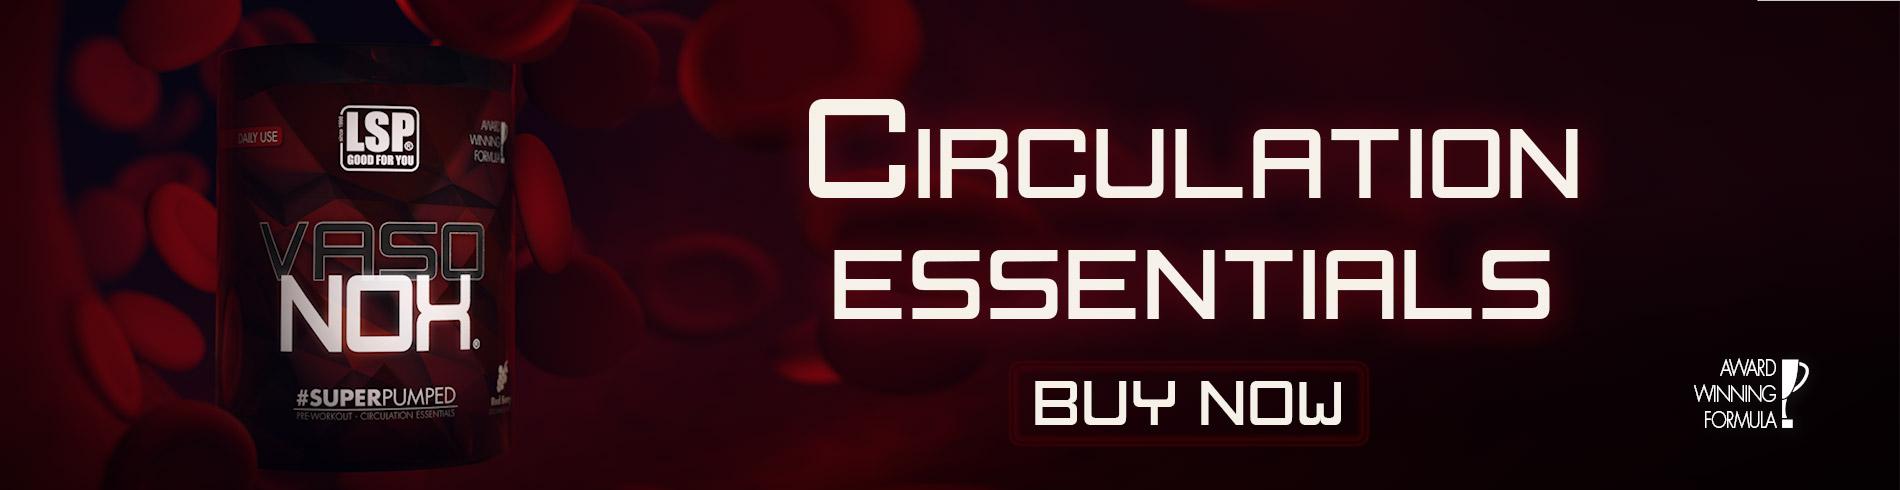 VasoNox Circulation Essentials - Buy now